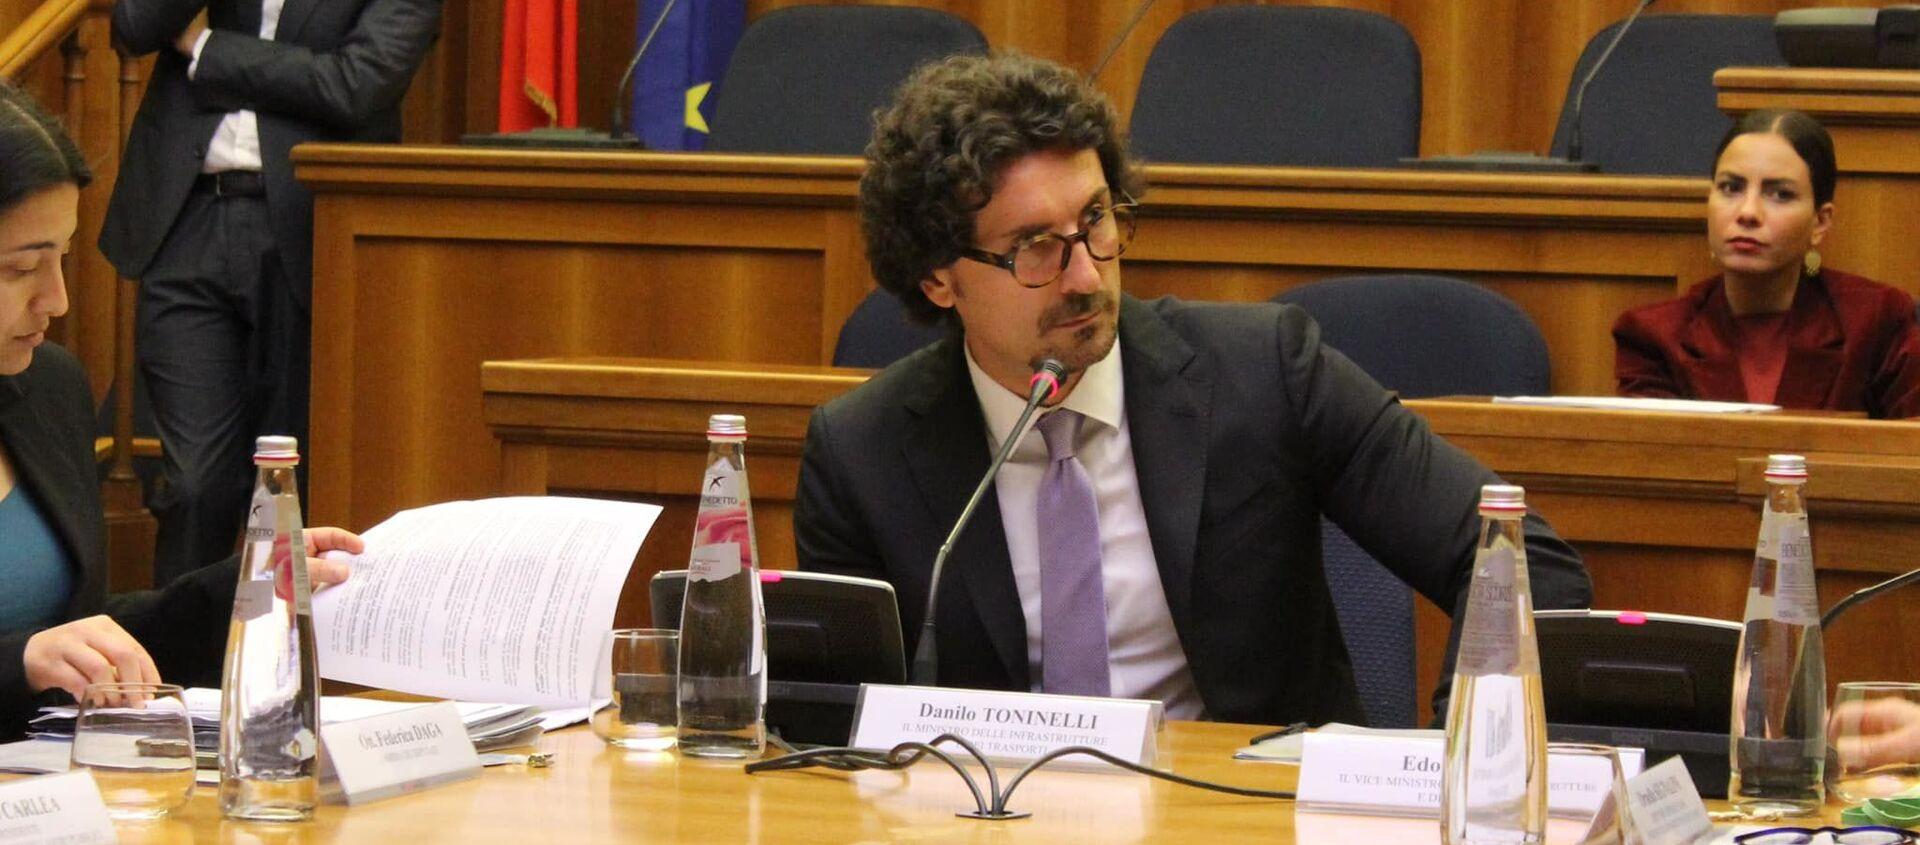 Danilo Toninelli, ministro delle infrastrutture e dei trasporti - Sputnik Italia, 1920, 18.04.2021